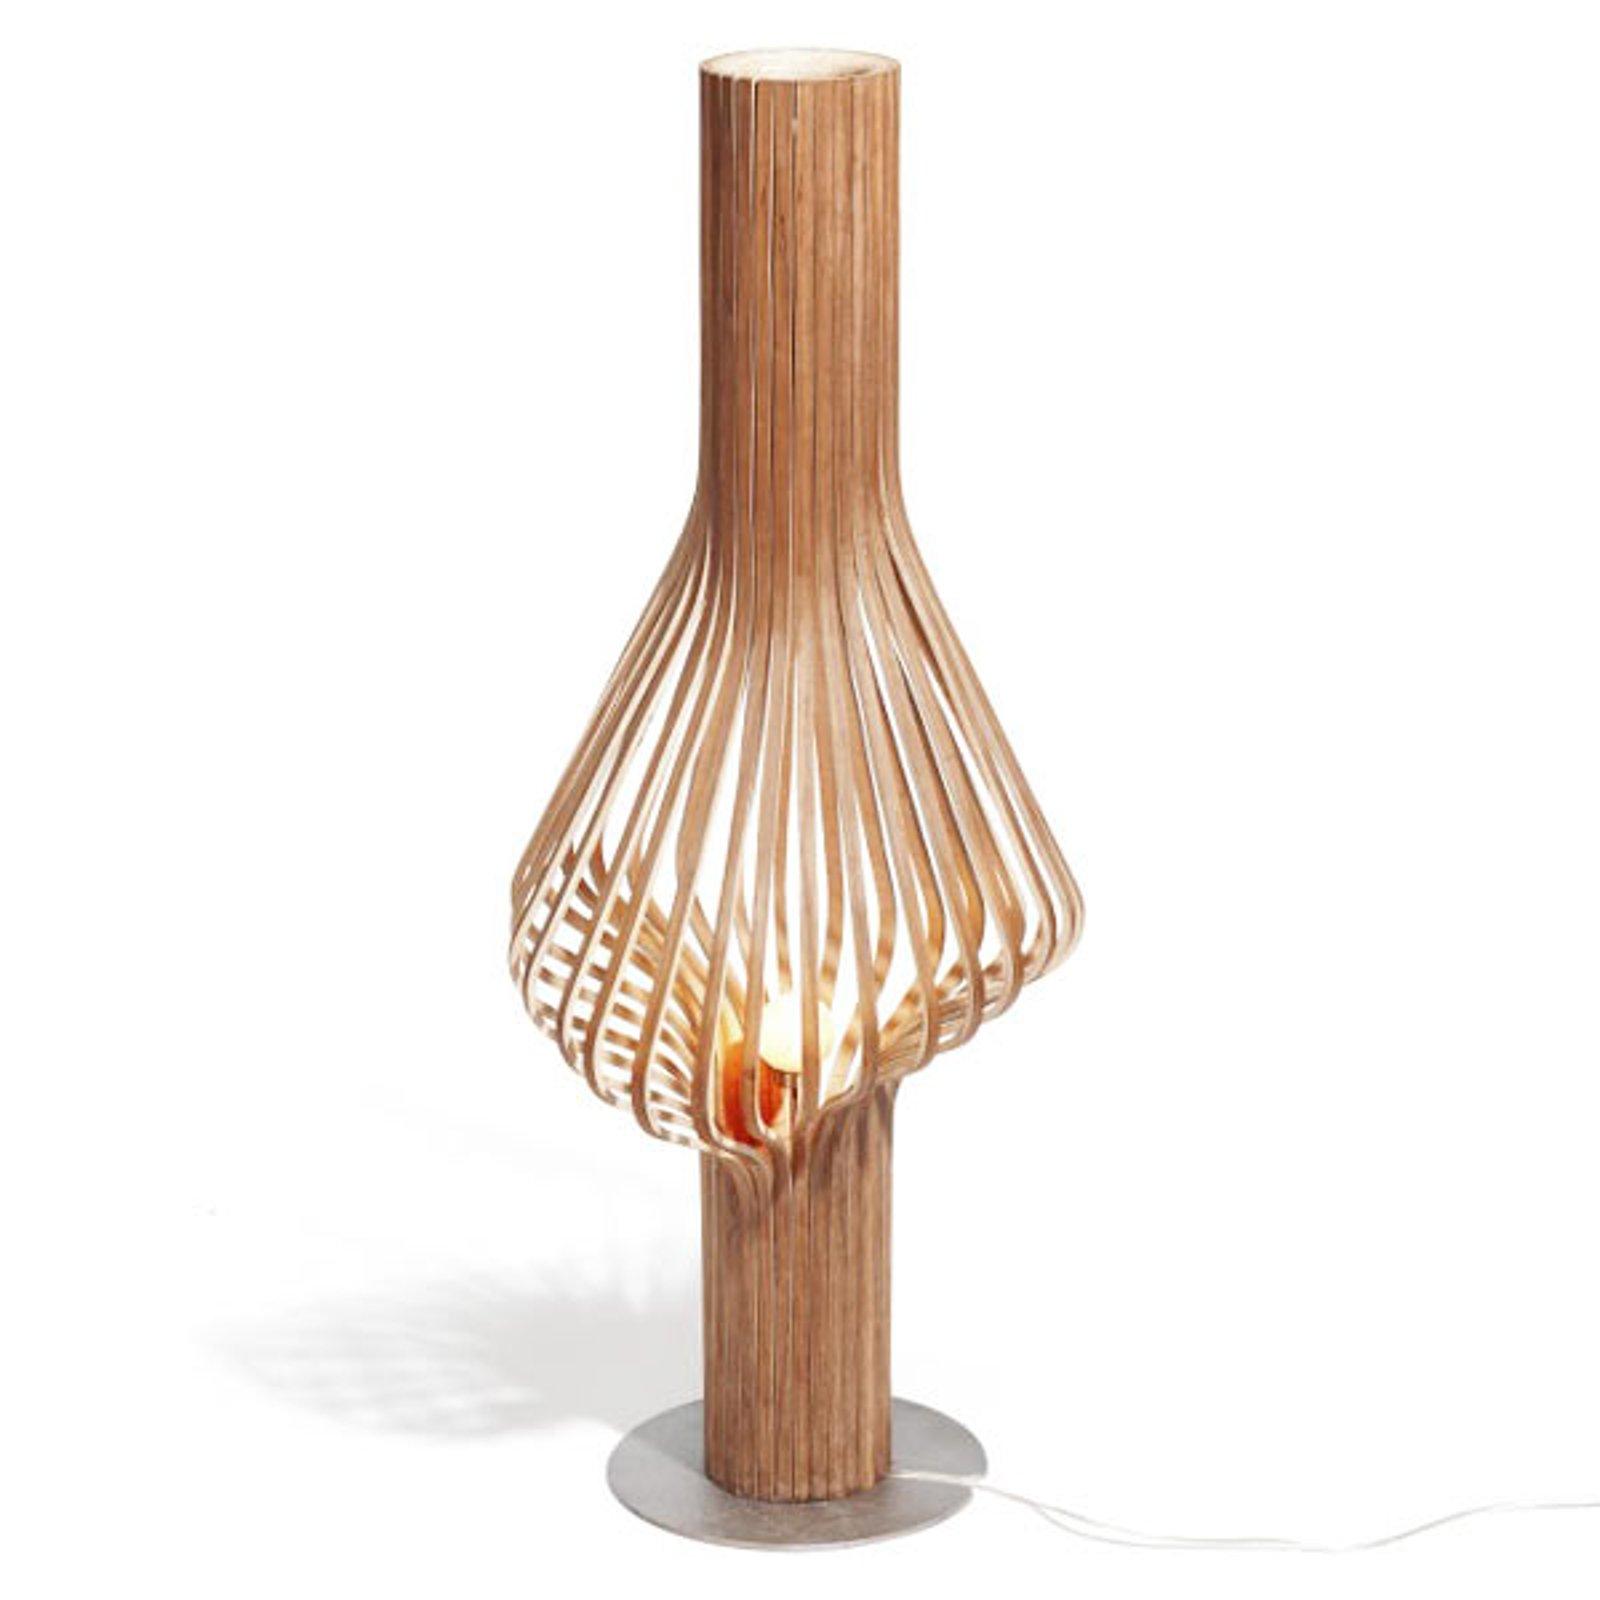 Designer-gulvlampe Diva med eik og dimmer